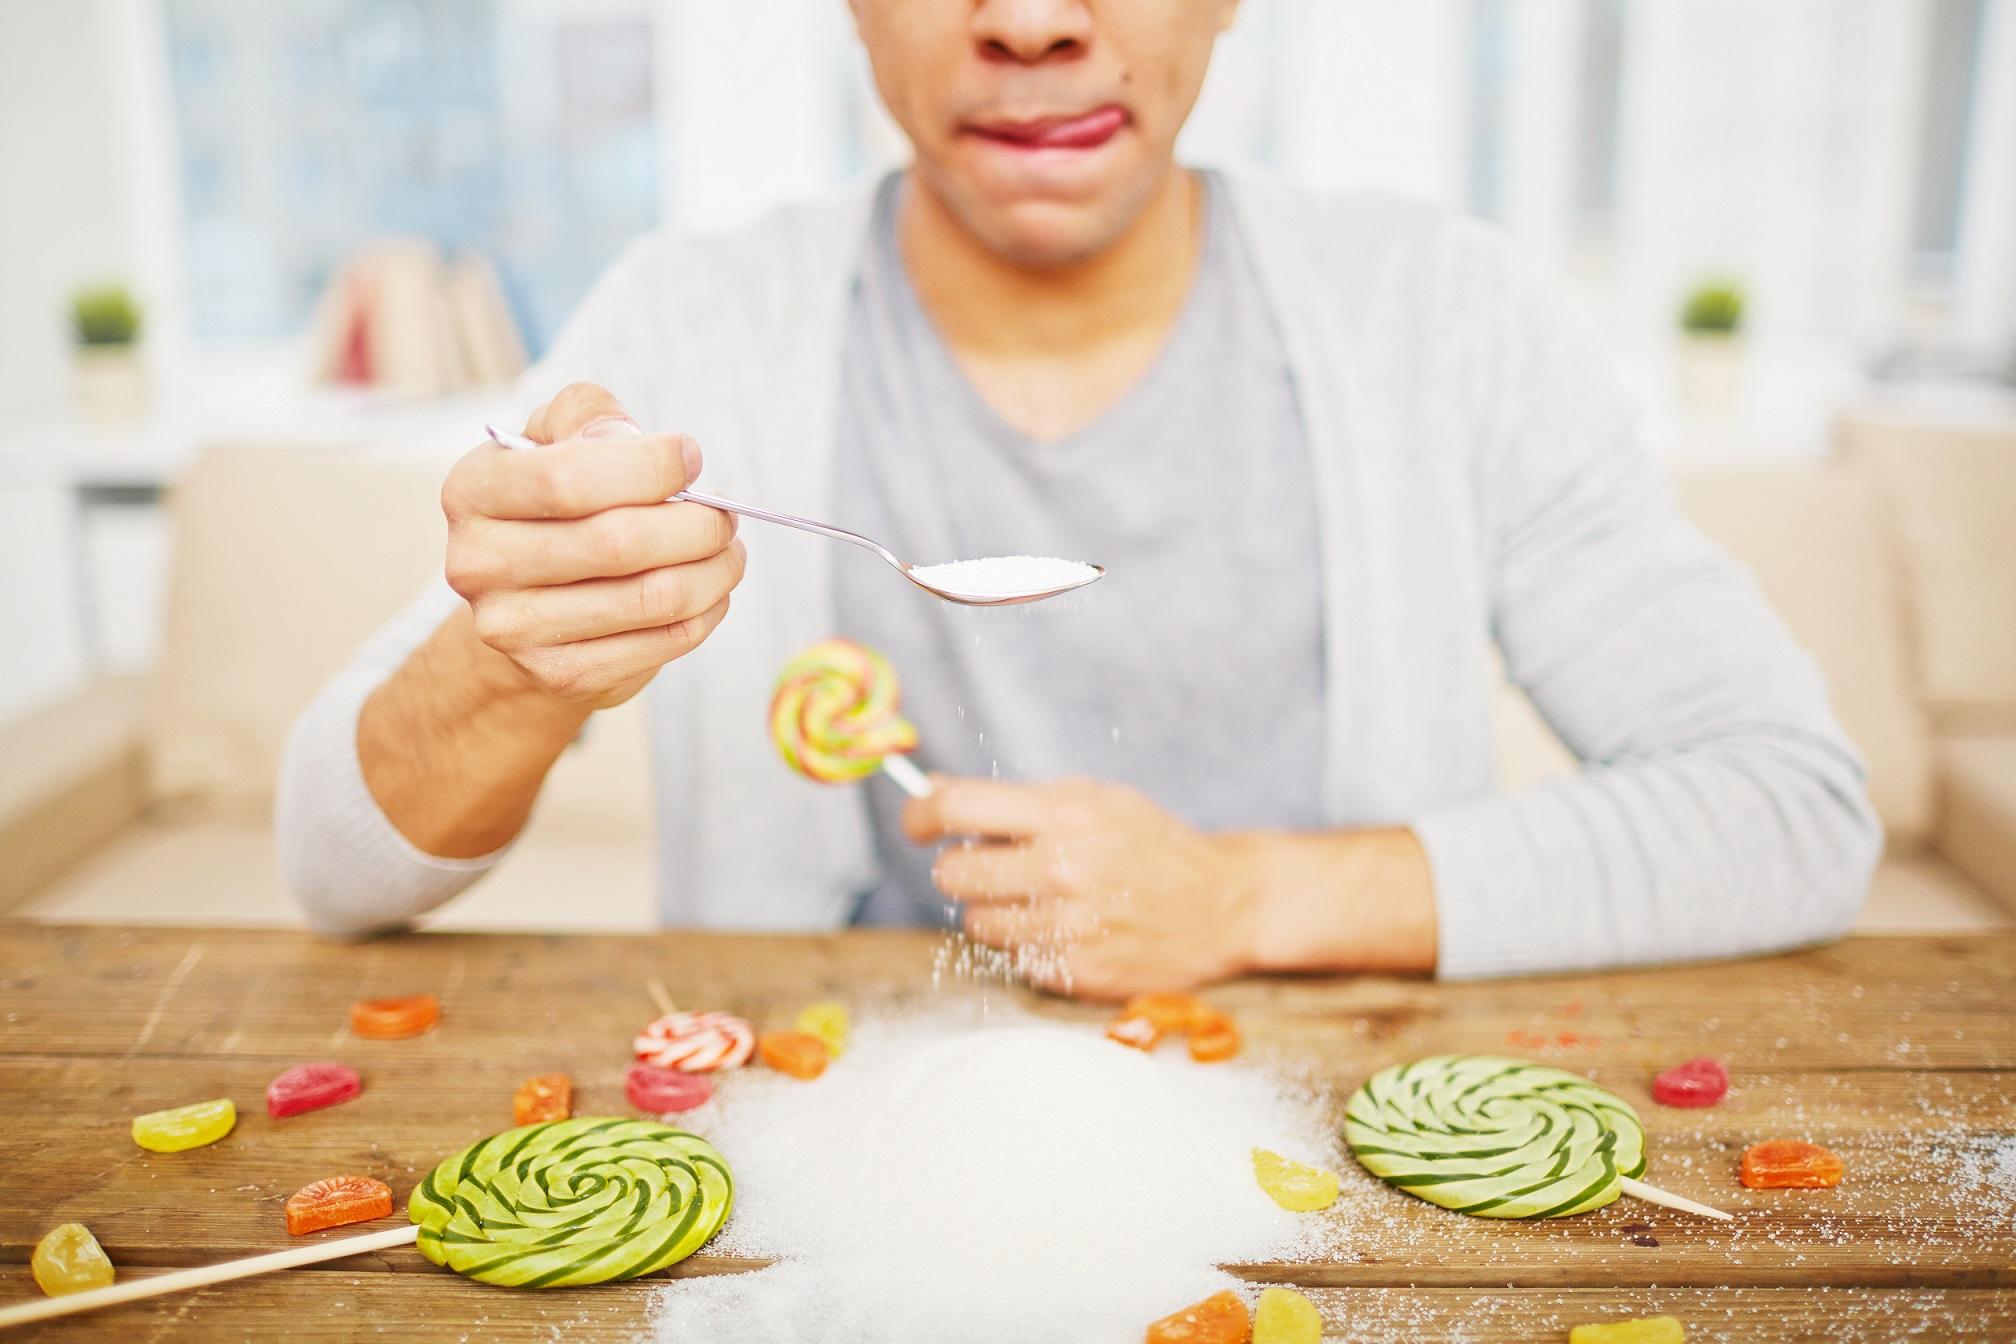 Şeker tüketimi hakkında yanlış bilinen doğrular #3